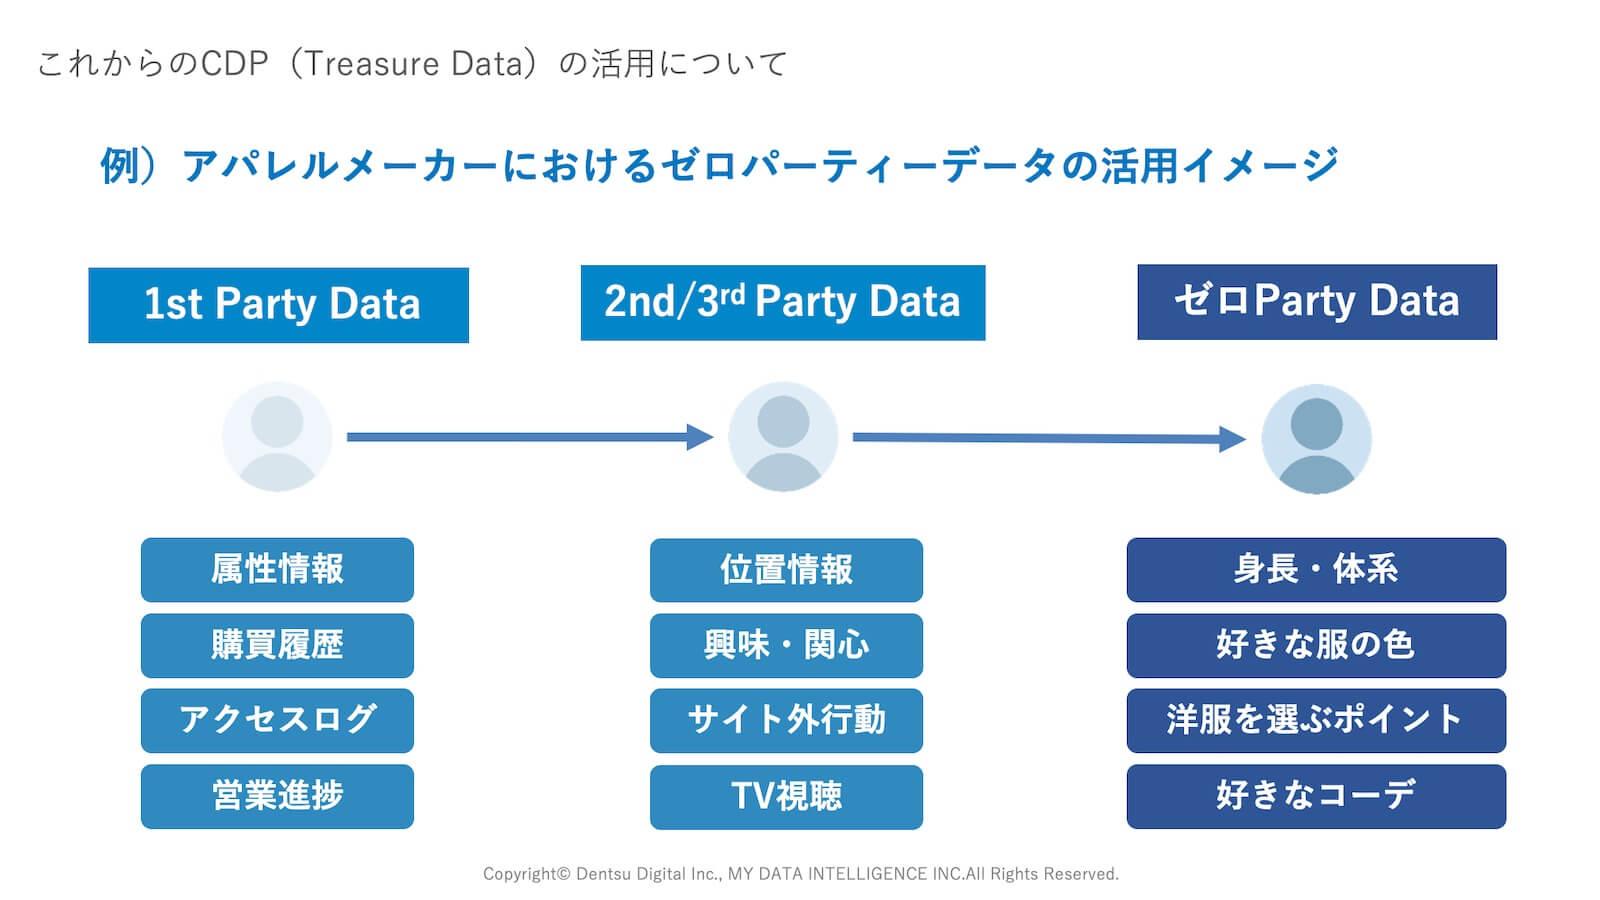 アパレルメーカーにおけるゼロパーティデータの活用イメージ